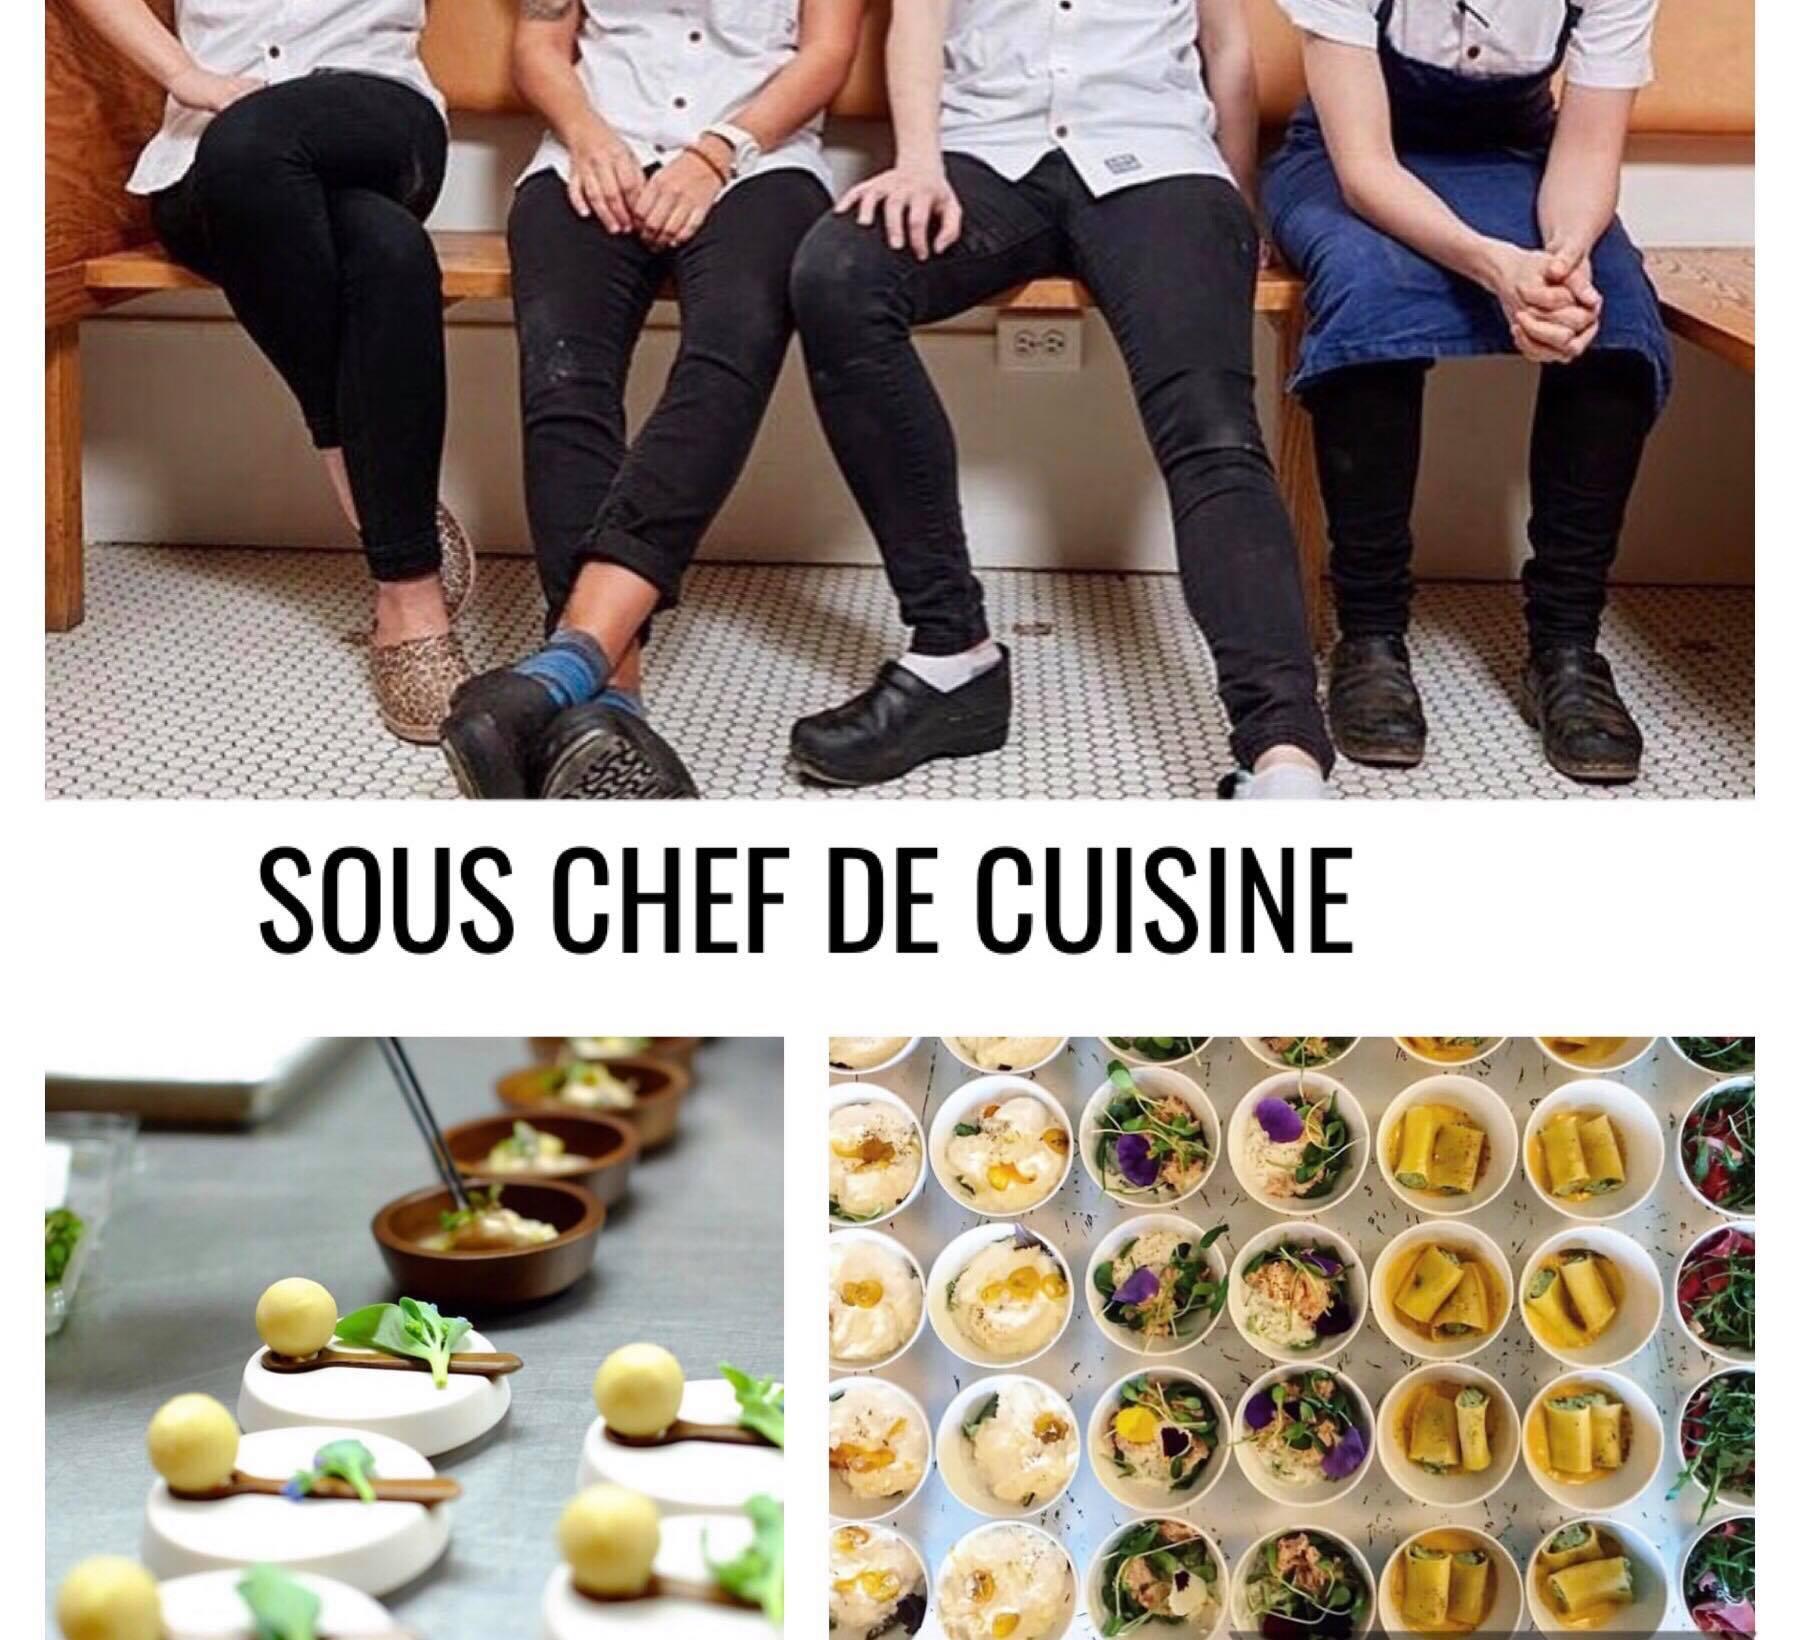 Sous chef de cuisine rhea recrutement for Offre emploi chef de cuisine